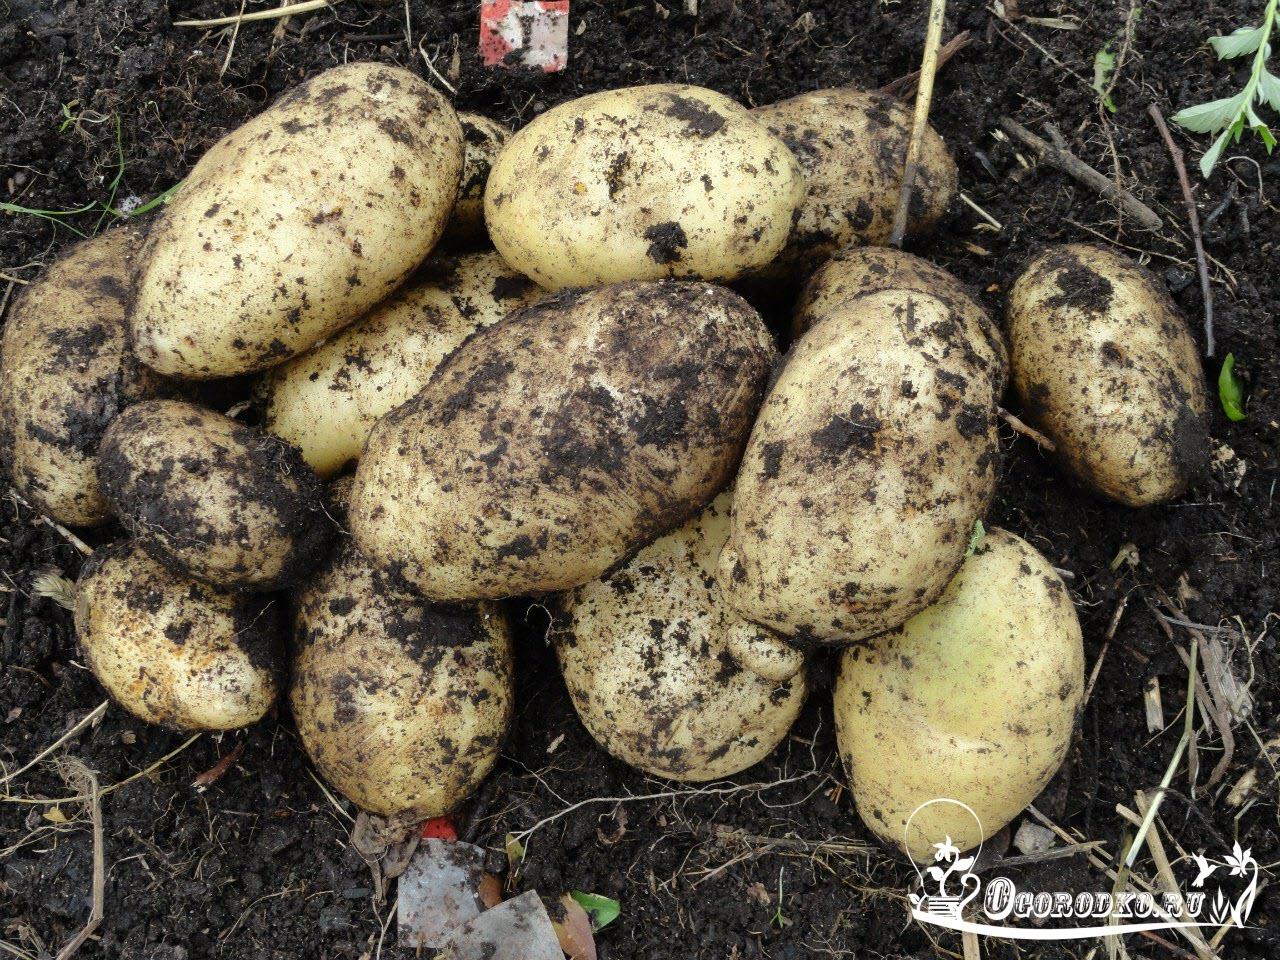 Сонник картошка, толкование снов. К чему снится 66